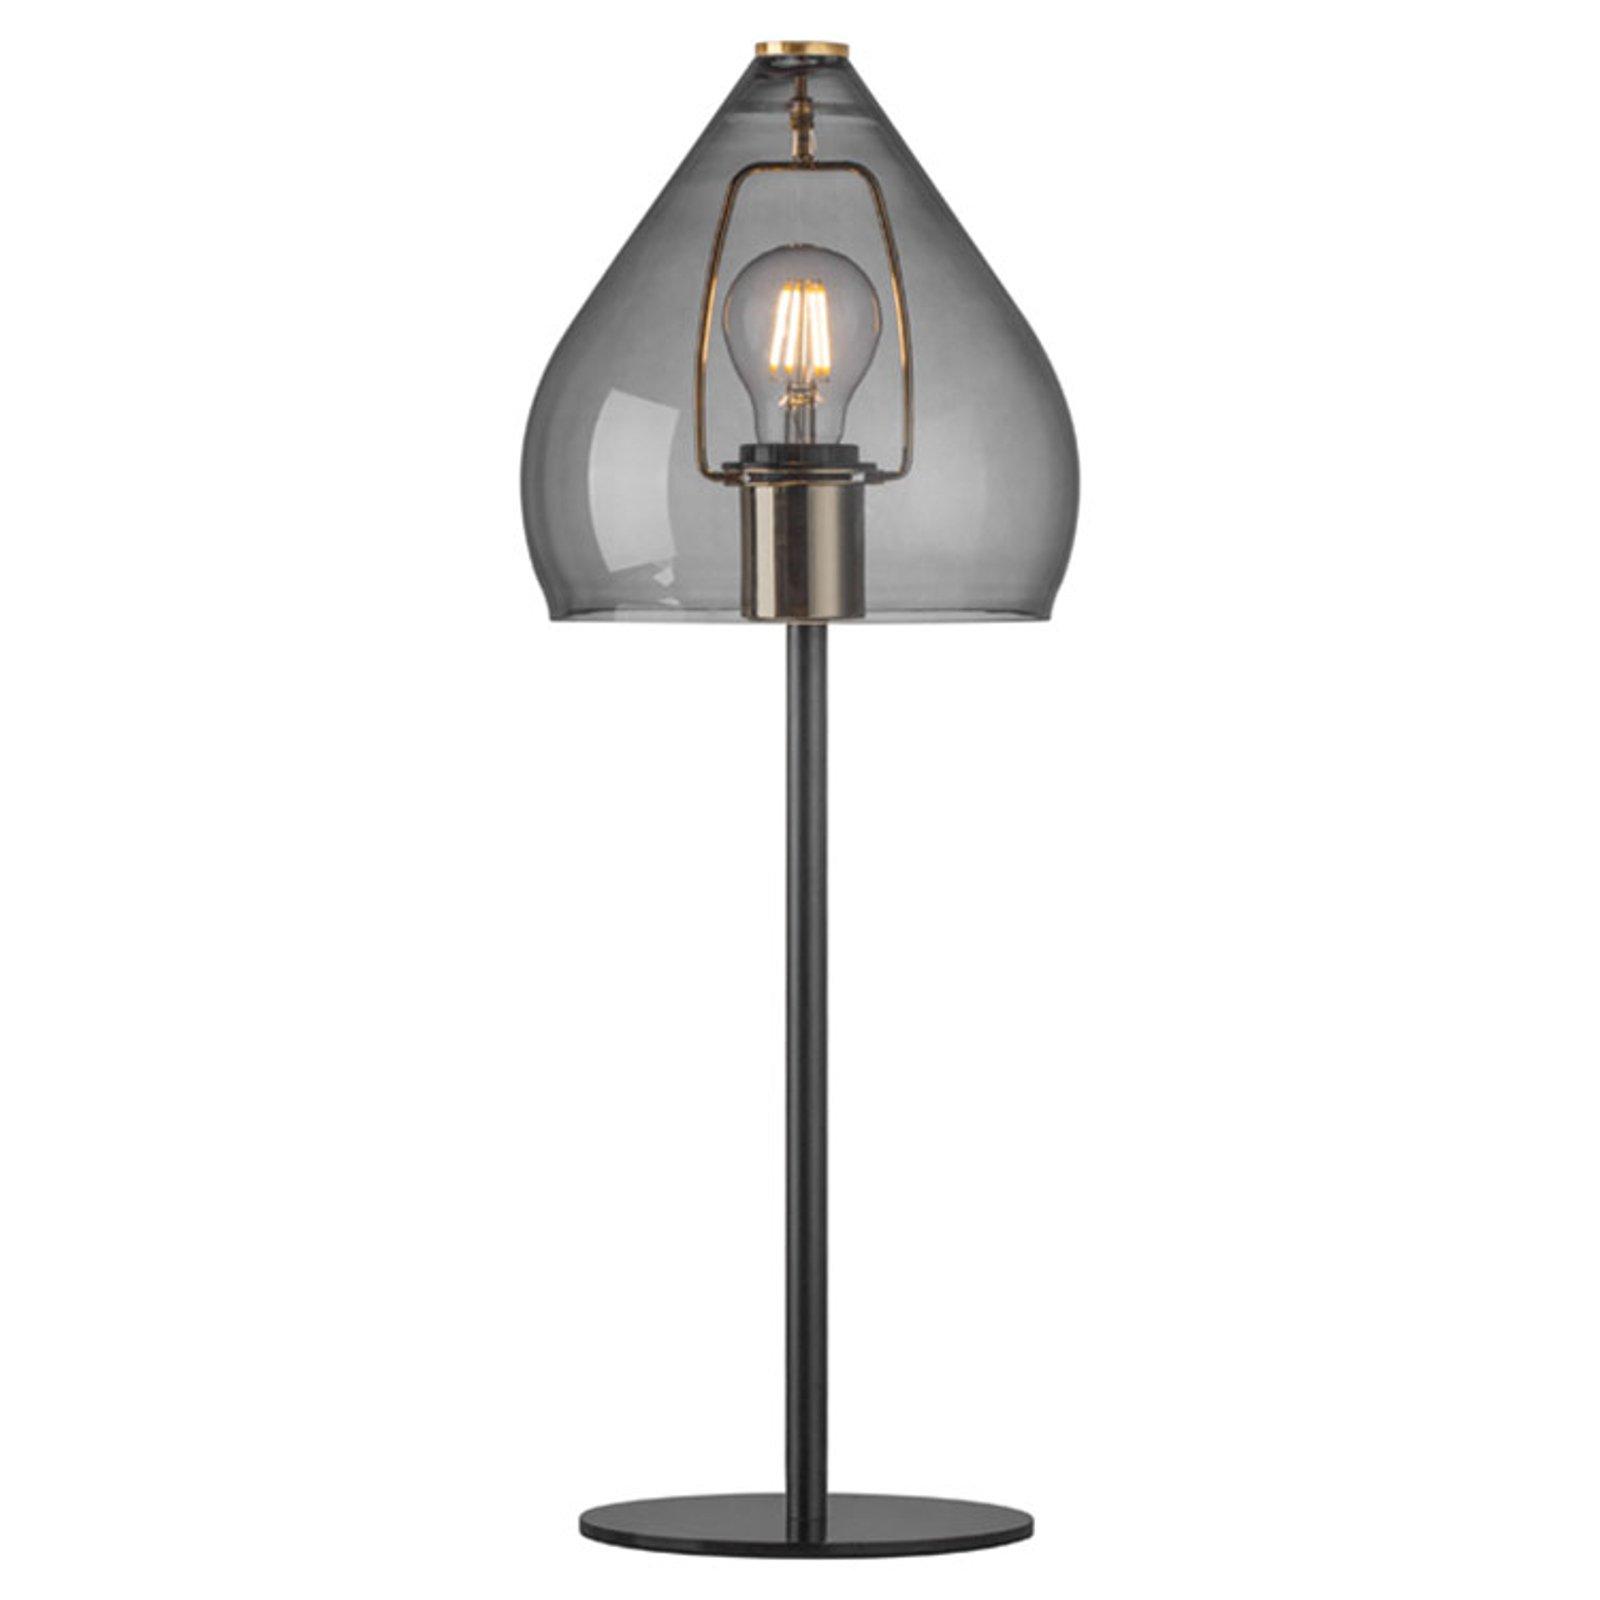 Bordlampe Sence med glasskjerm E27 - røykgrå